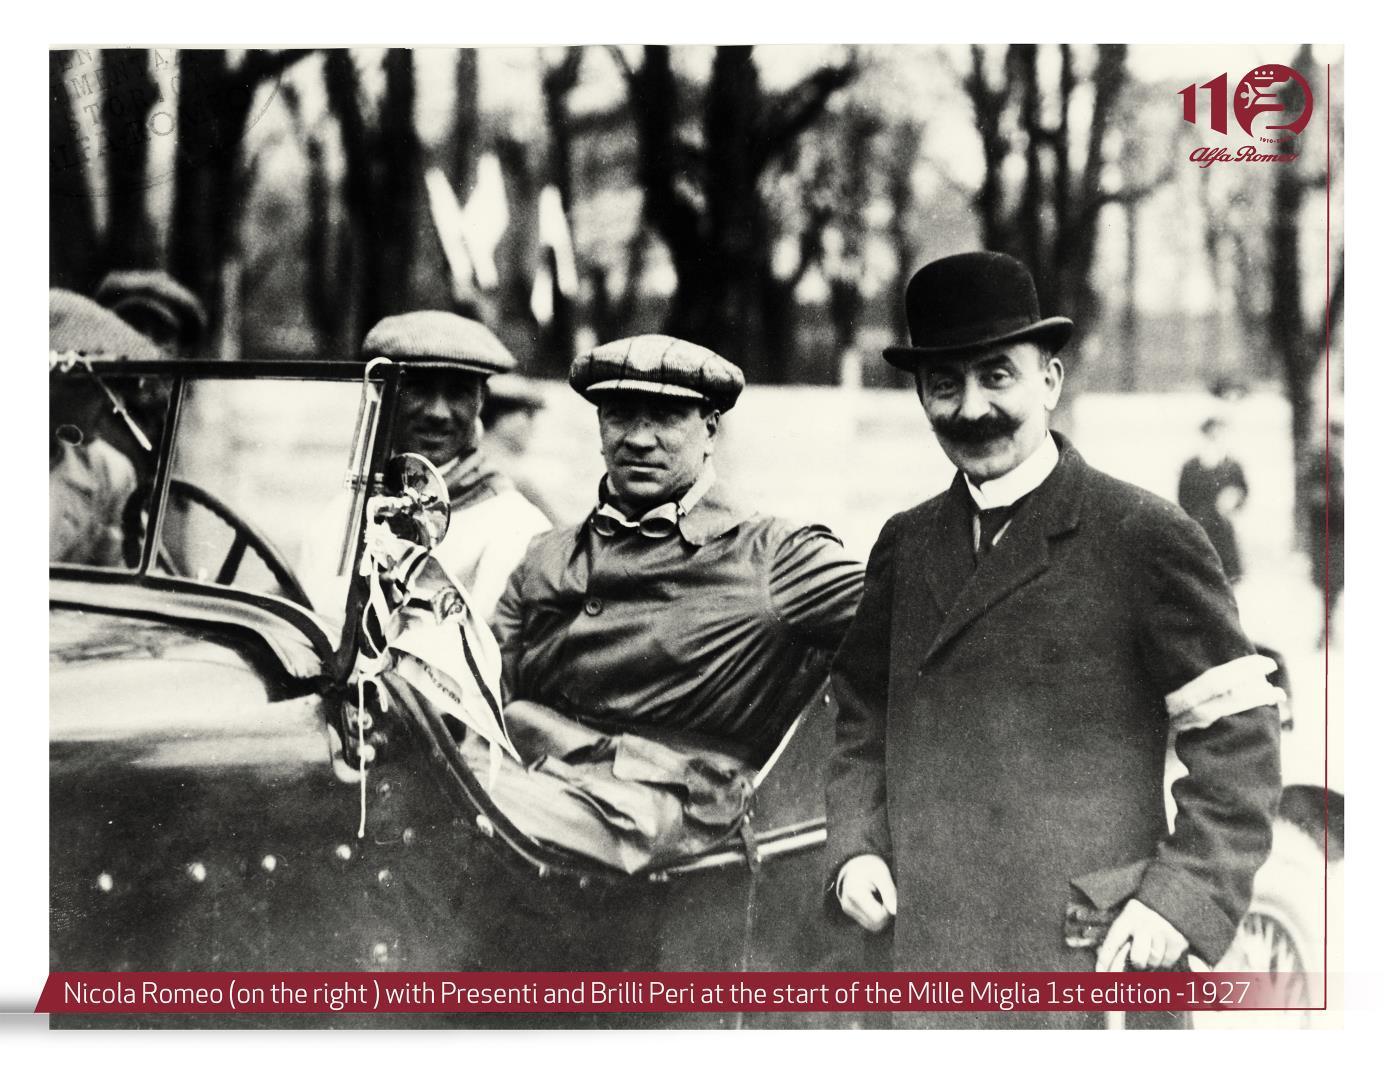 110岁了 回顾阿尔法·罗密欧发展简史-第5张图片